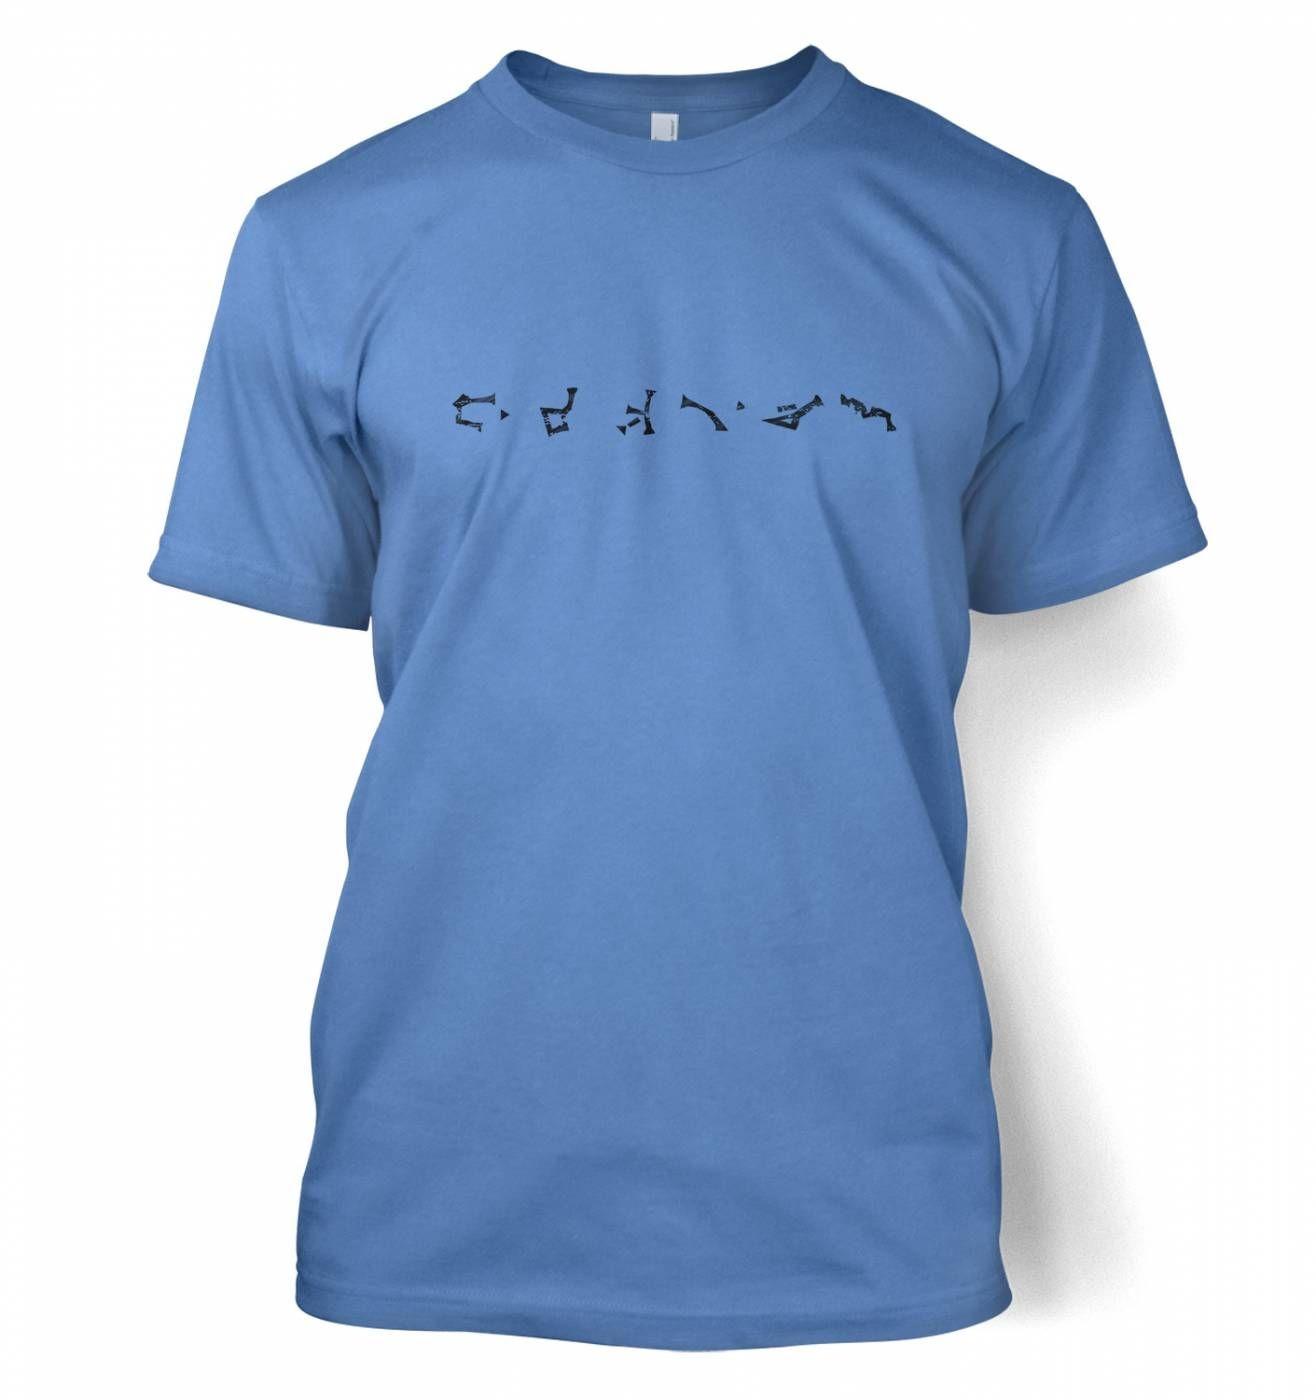 Stargate Earth Address men's t-shirt